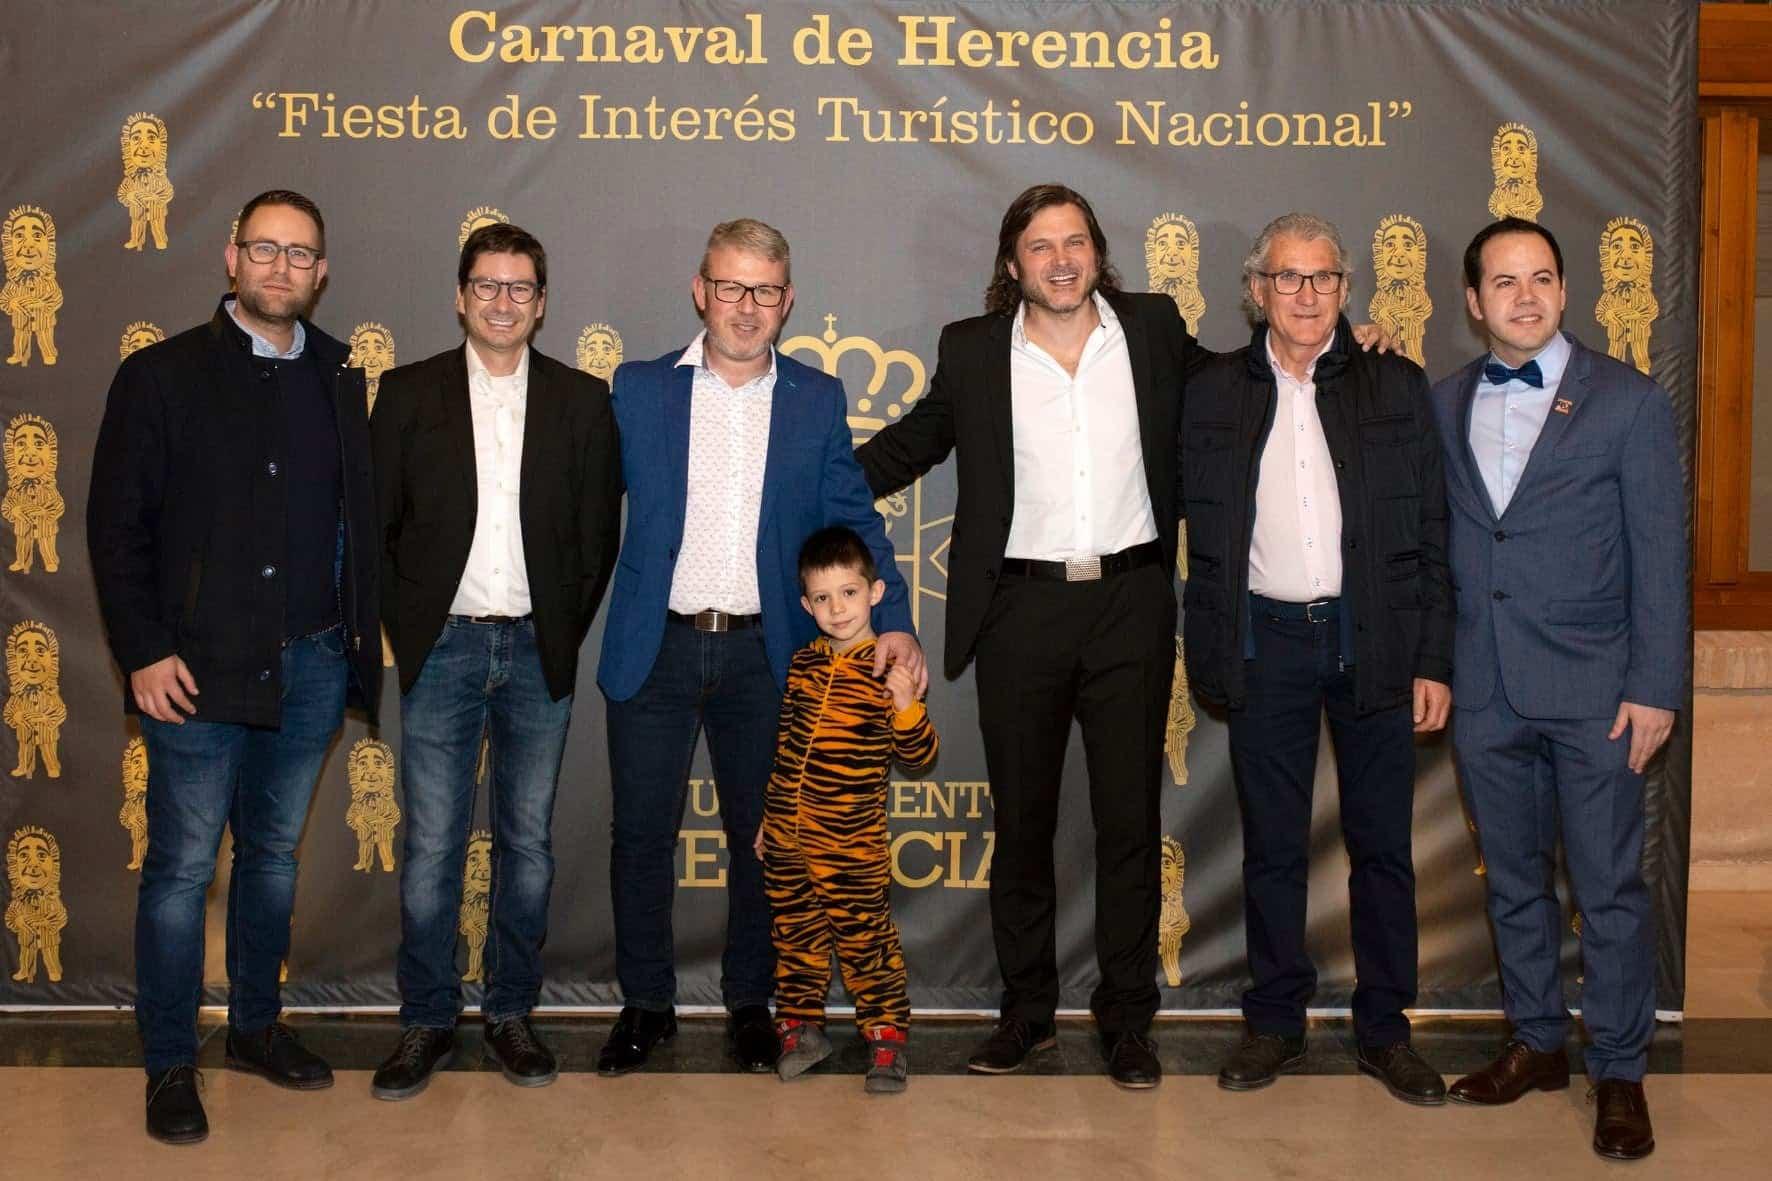 Inauguración del Carnaval de Herencia 2020 128